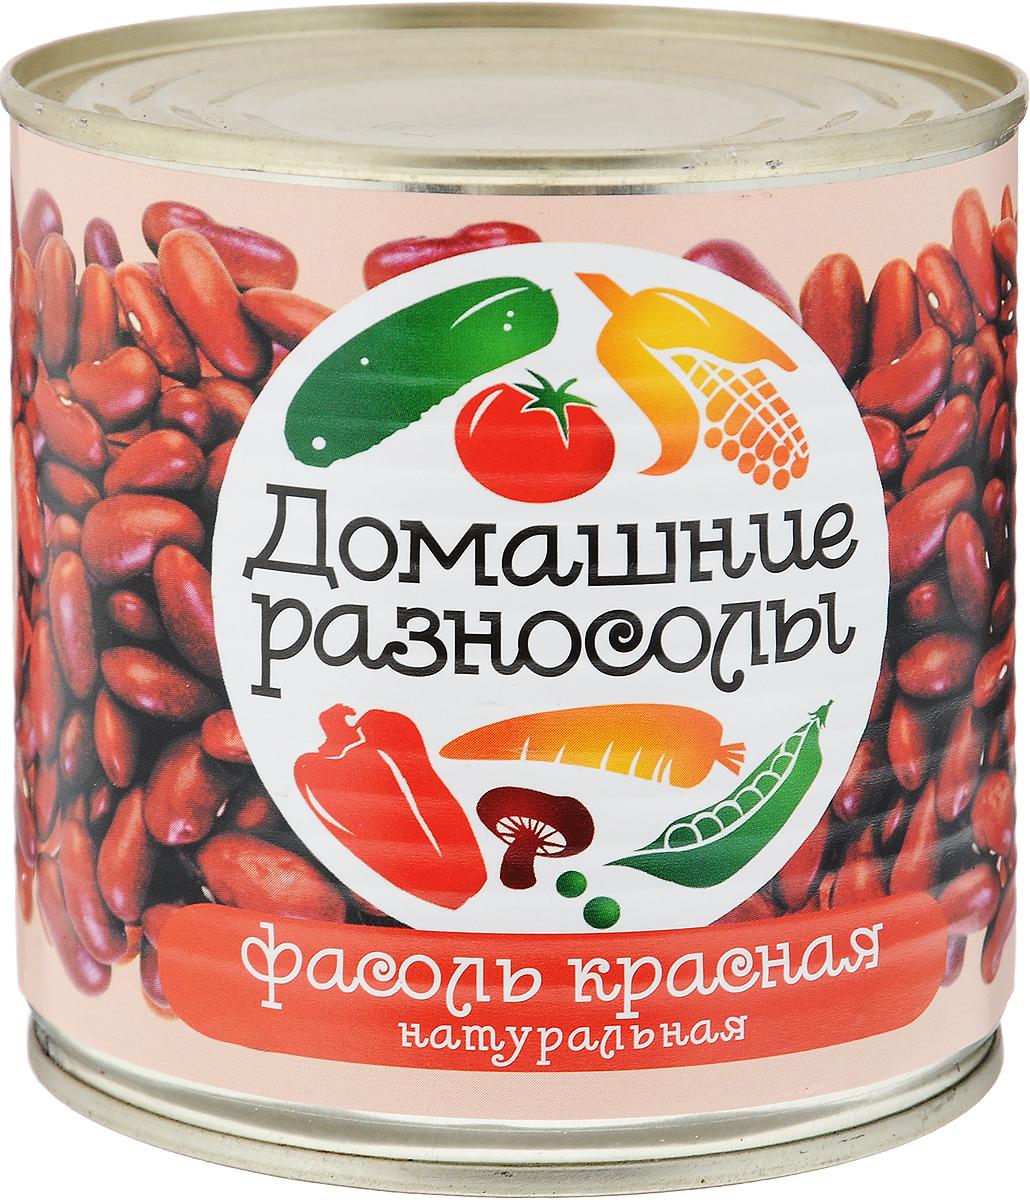 Домашние разносолы фасоль красная натуральная, 400 г